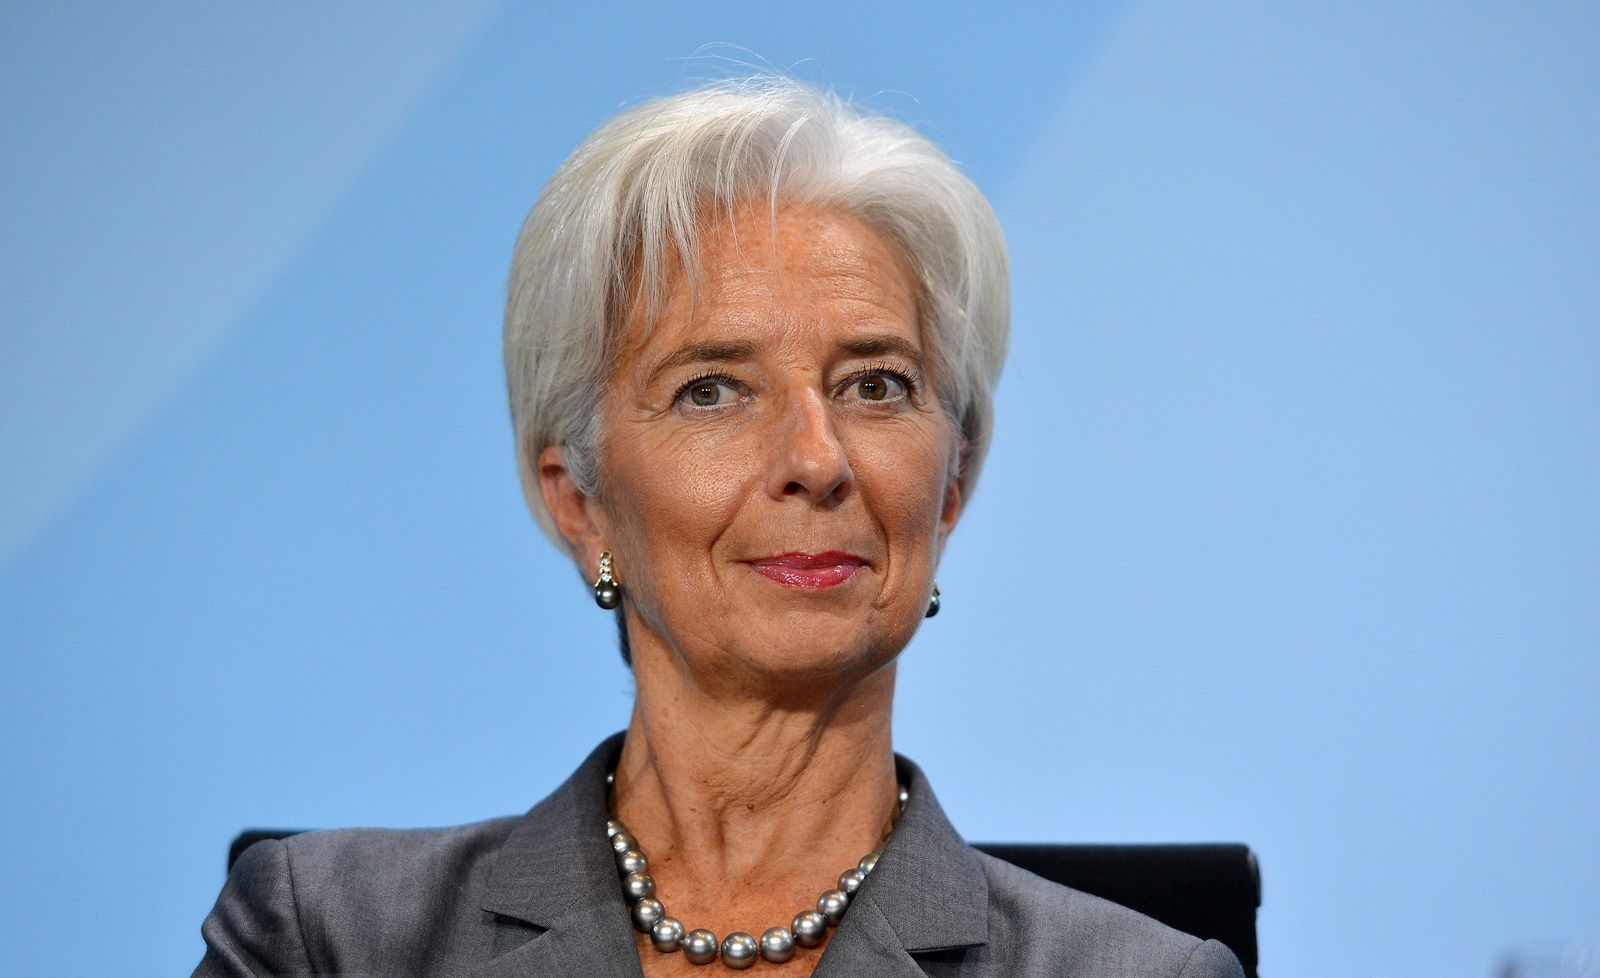 NICHT VERWENDEN Europa/Finanzkrise/EU